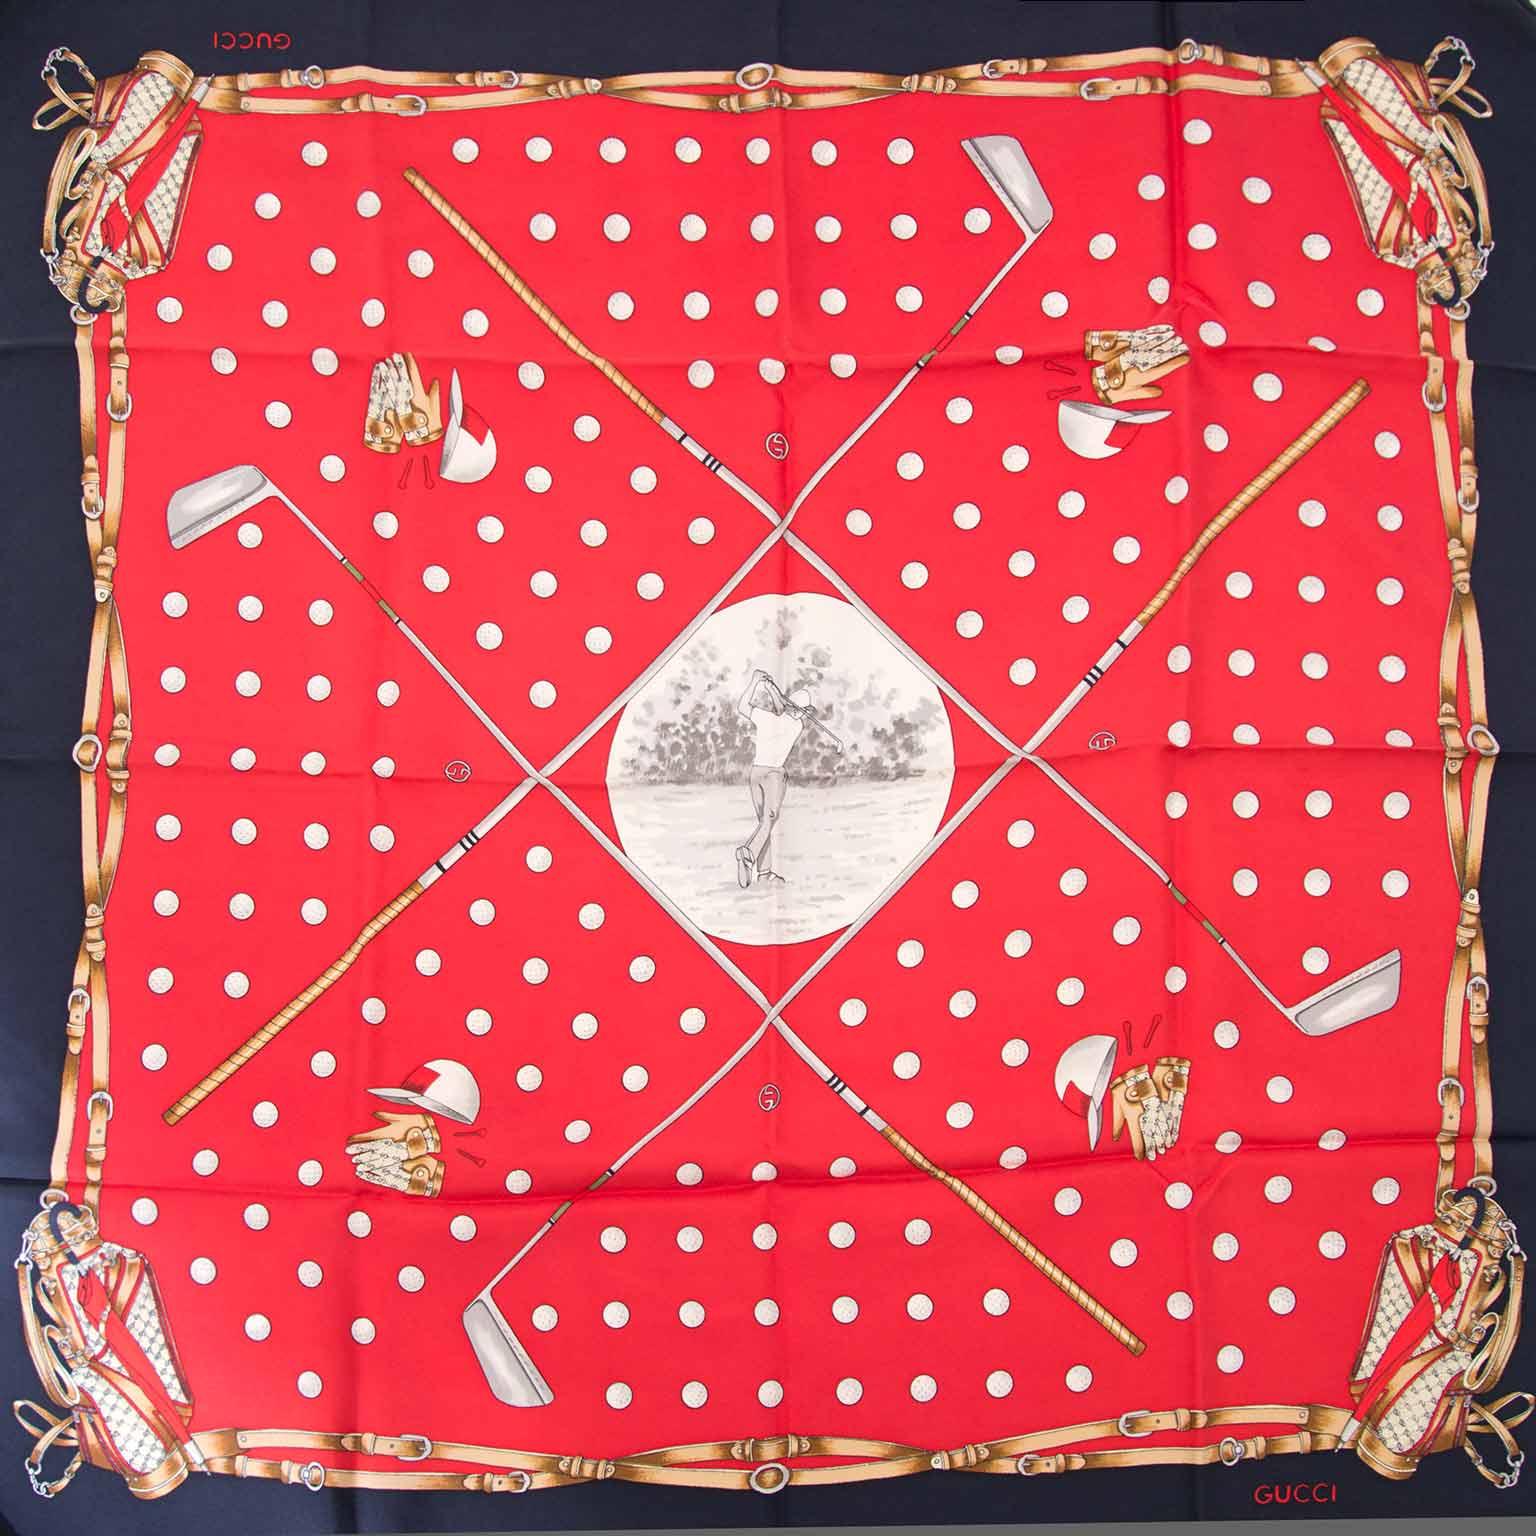 Gucci zijde sjaal te koop bij labellov.com tegen de beste prijs